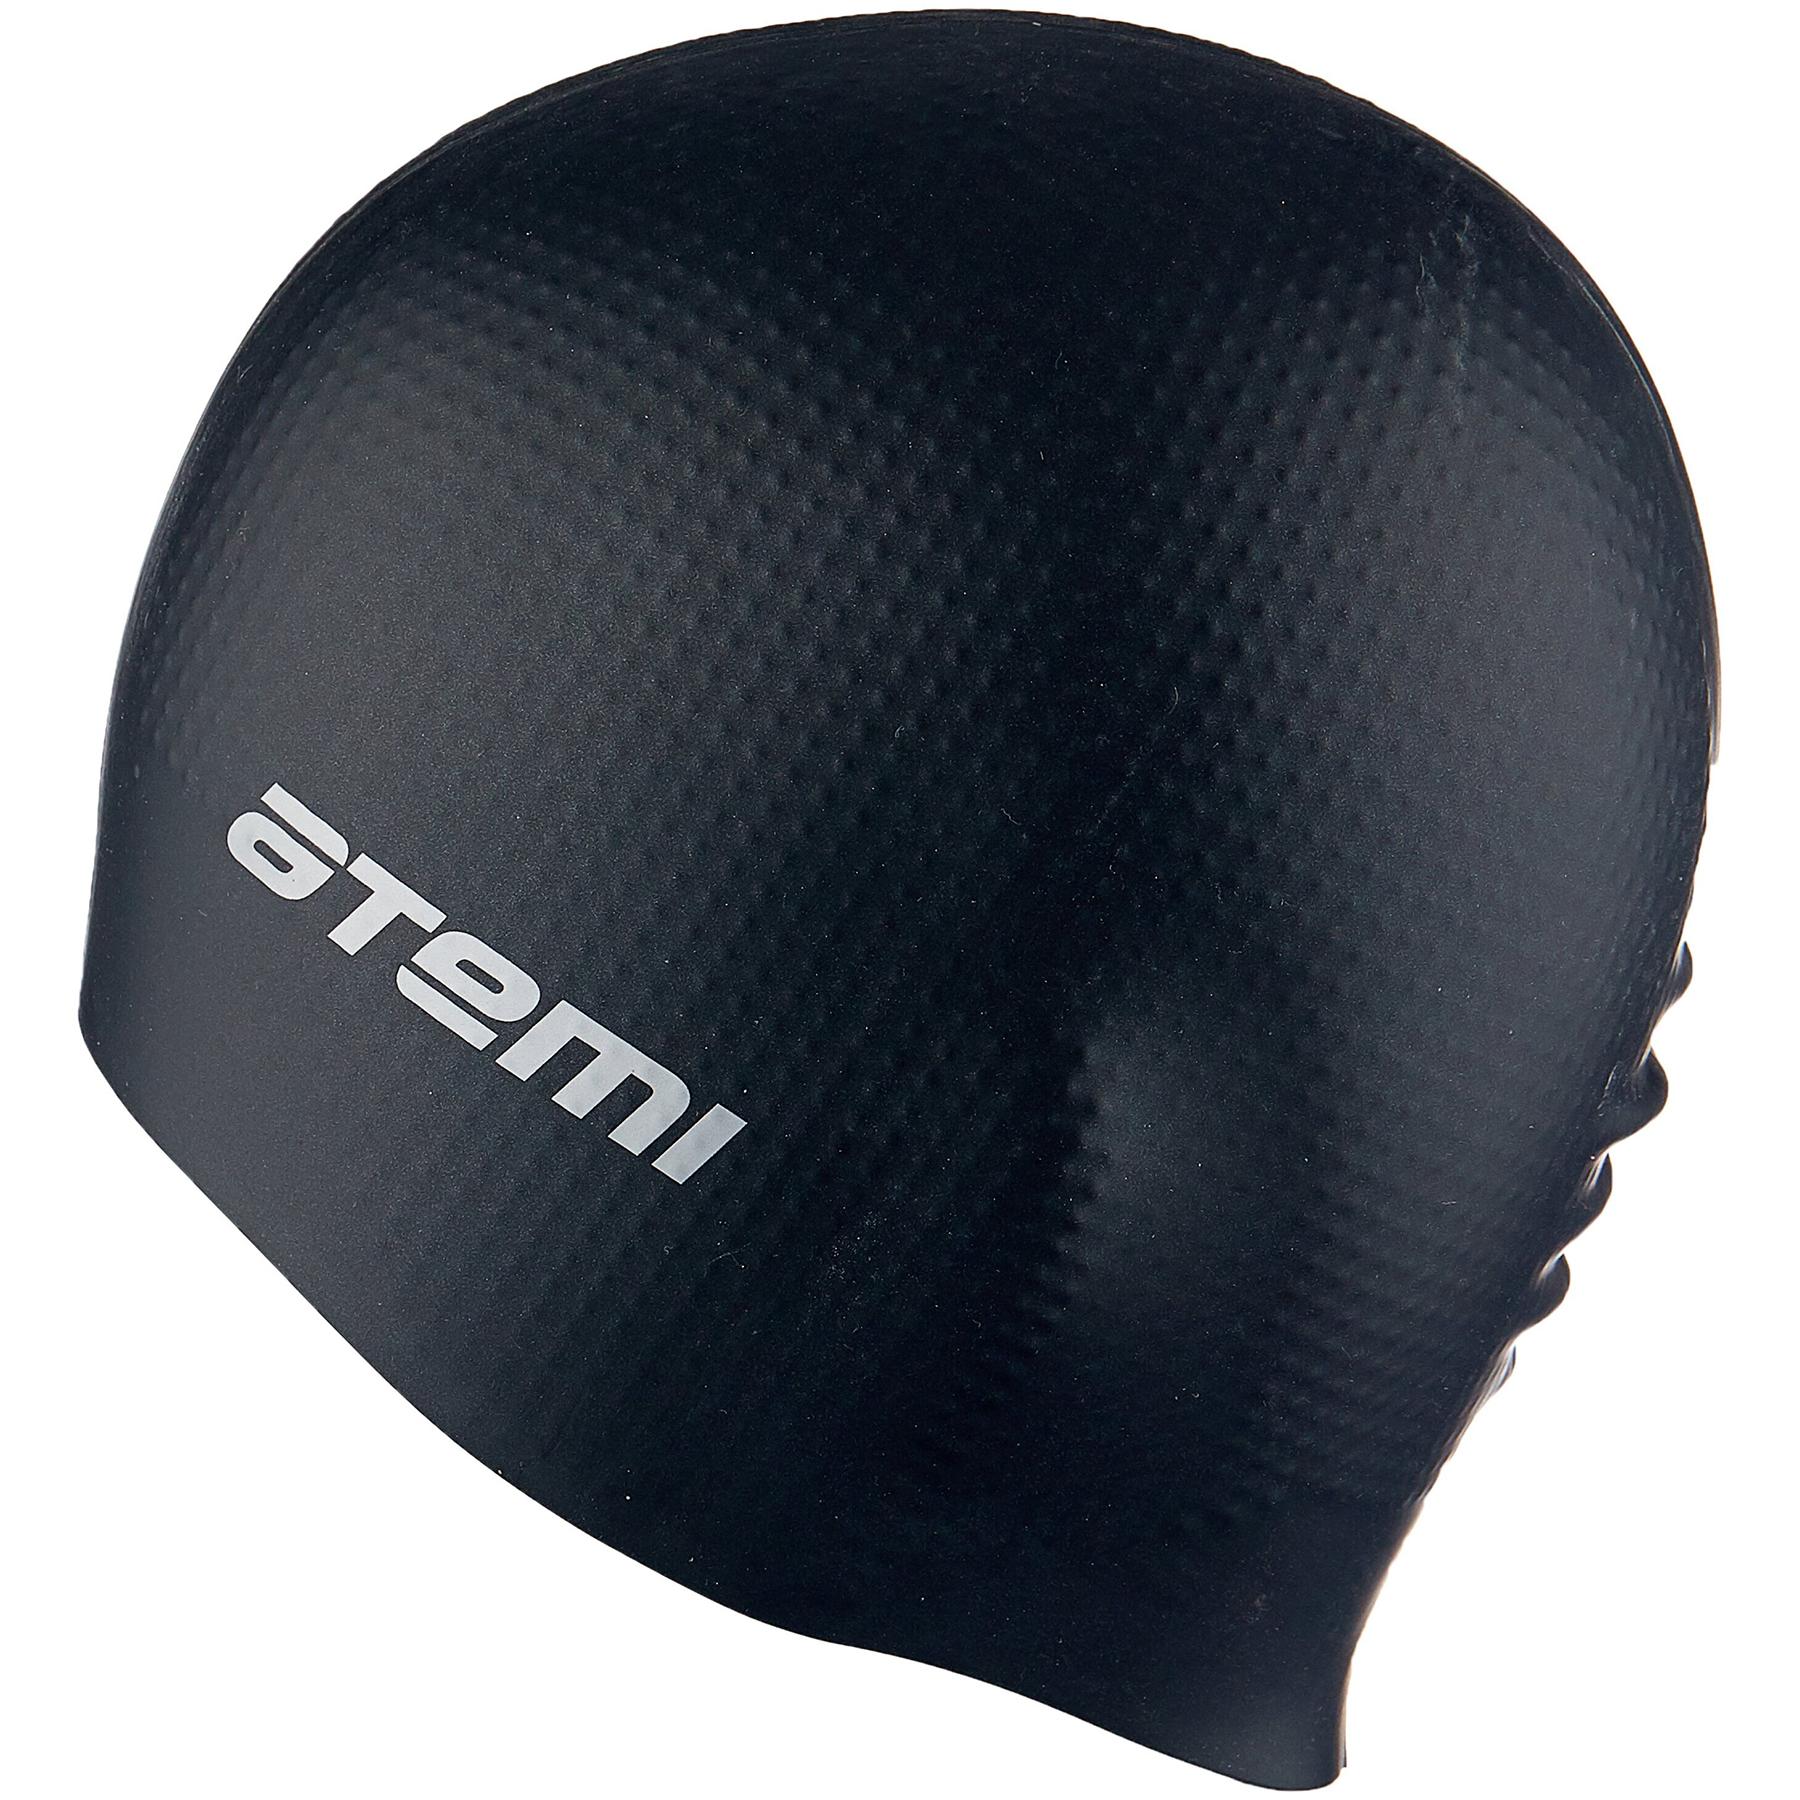 Шапочка АТ DC 502 силикон массажная черная